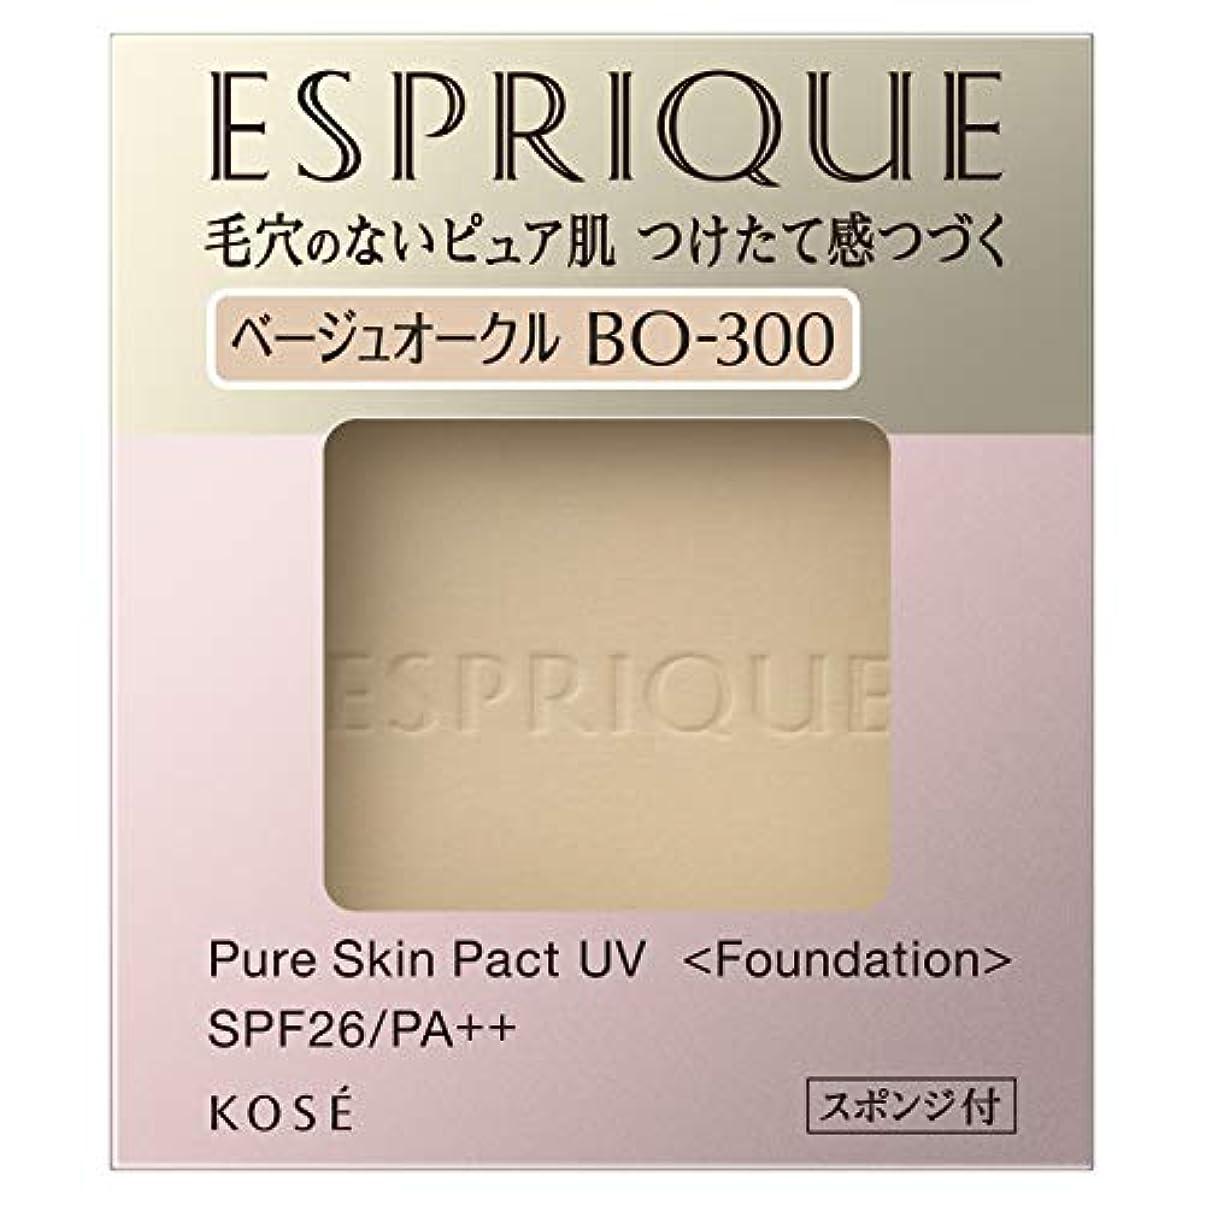 必要としている歌手りんごエスプリーク ピュアスキン パクト UV BO-300 ベージュオークル 9.3g